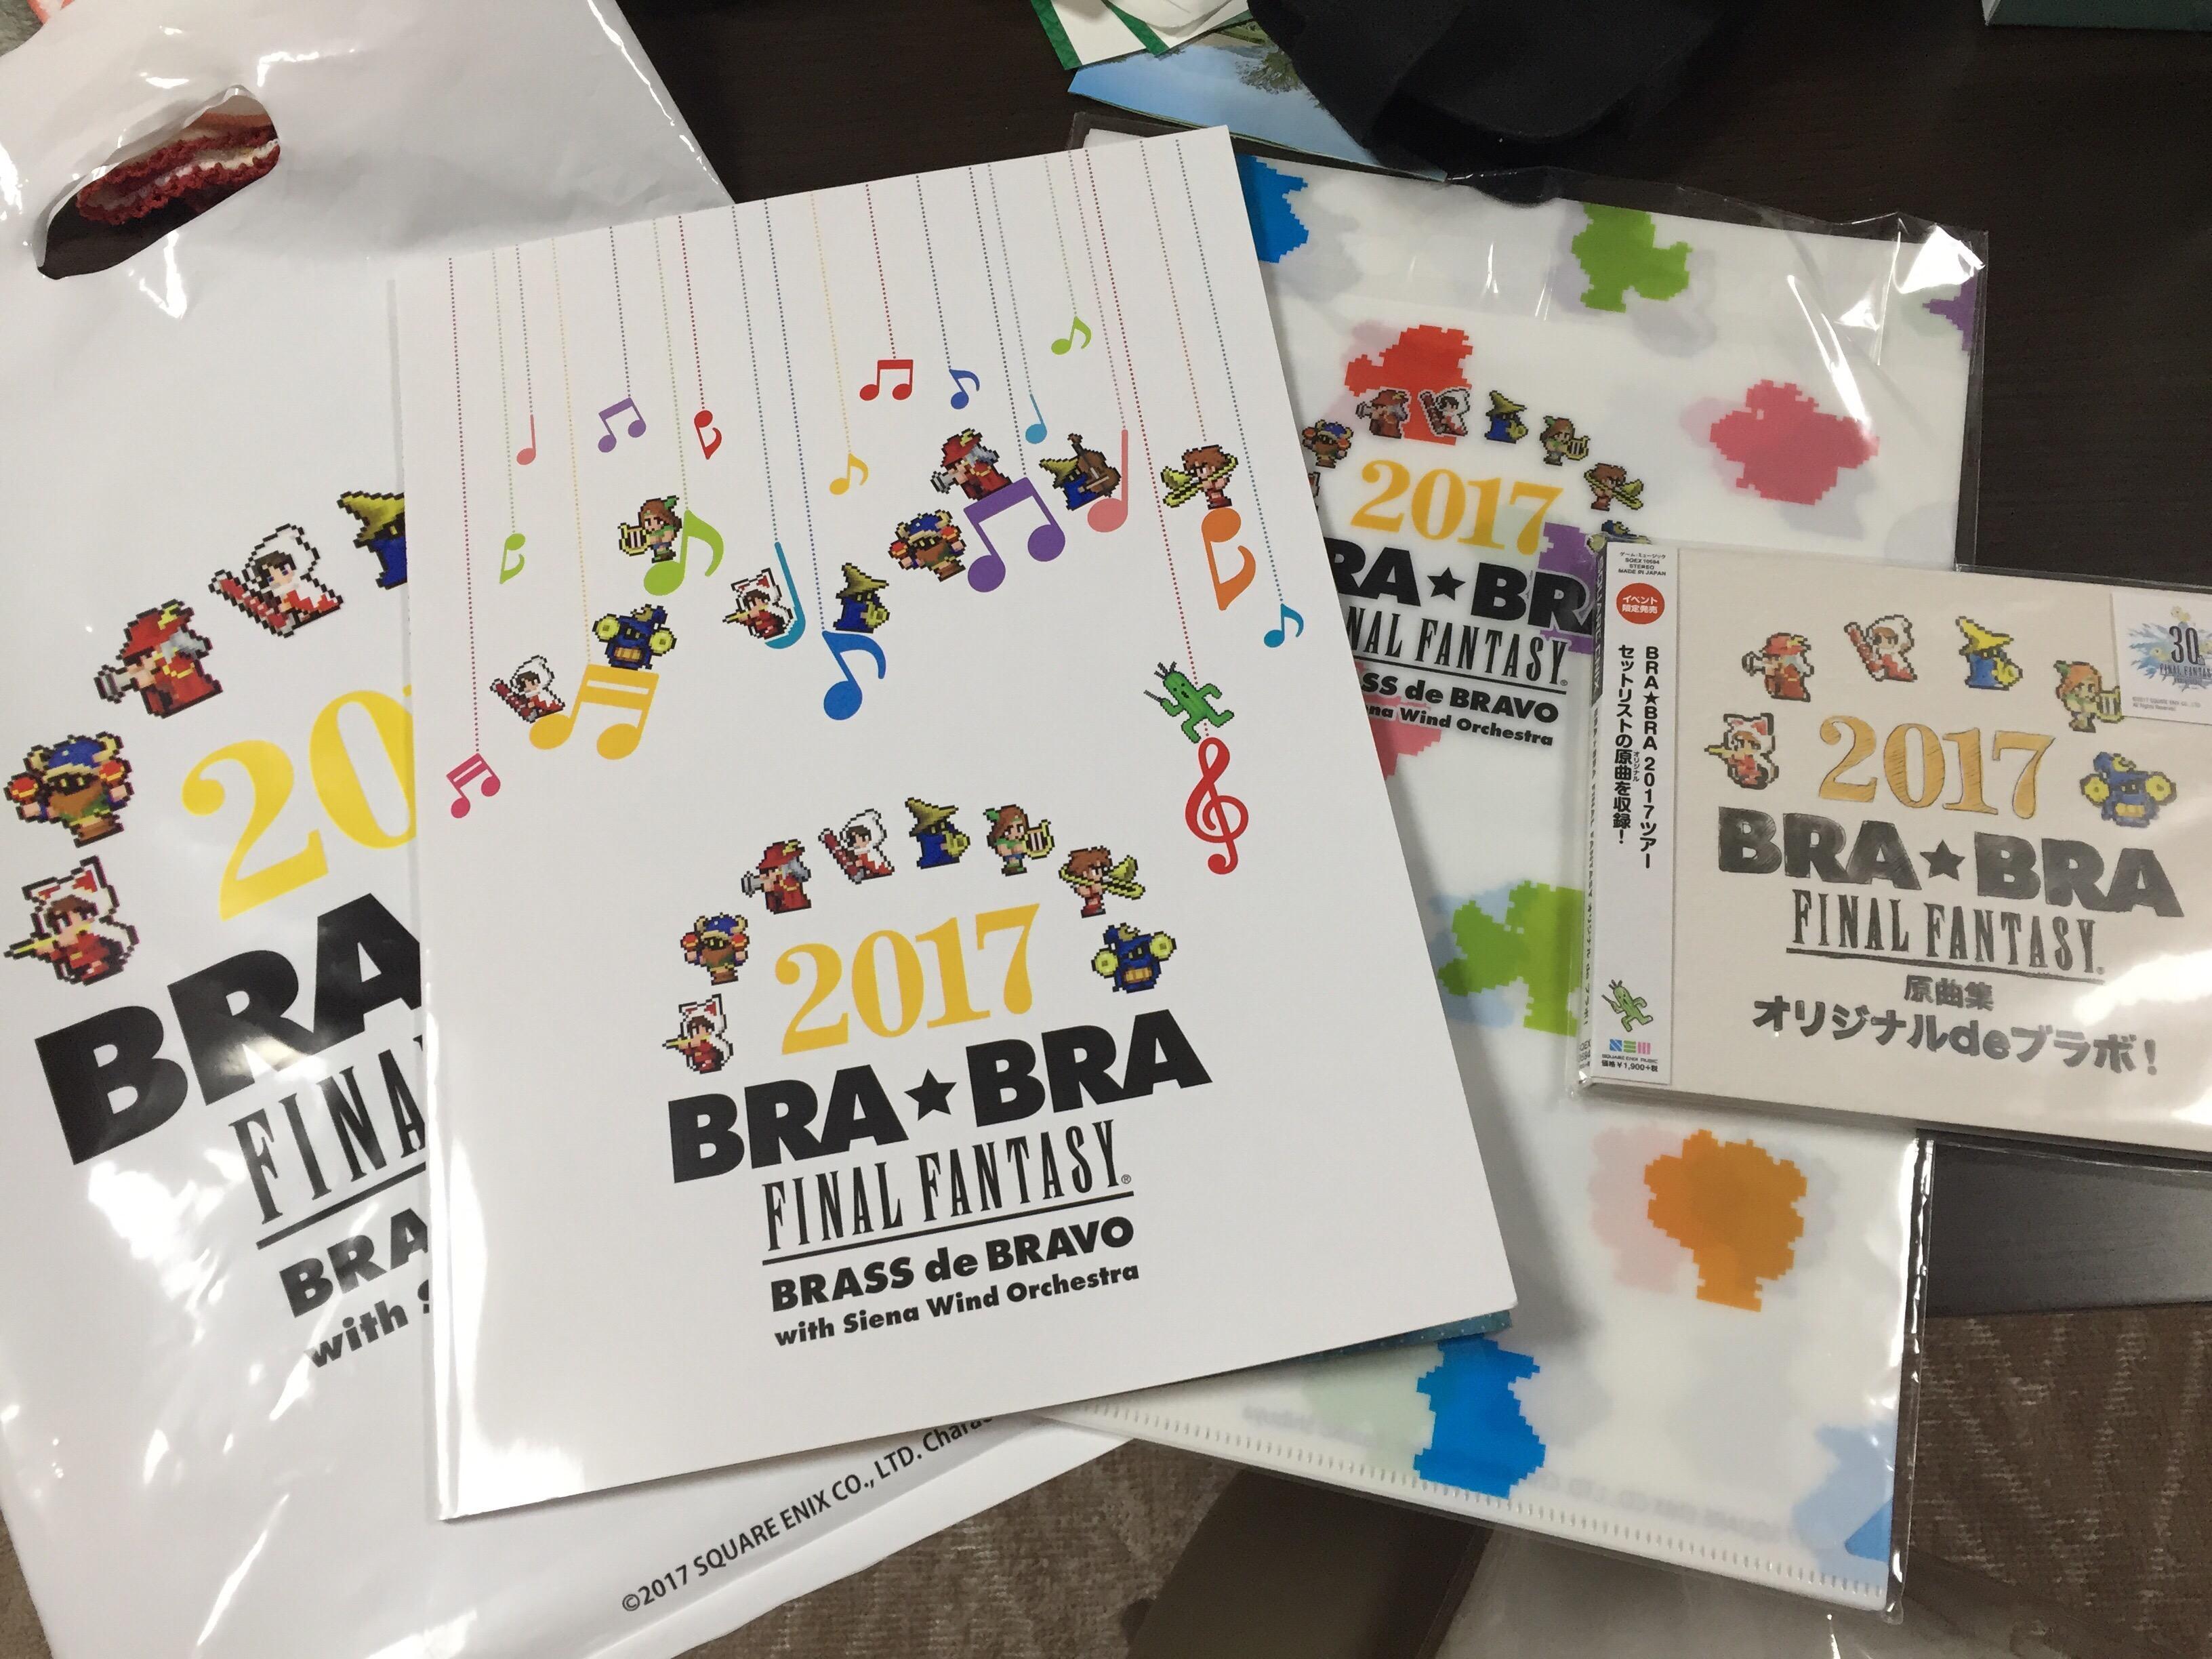 ファイナルファンタジーコンサート CDやパンフレット